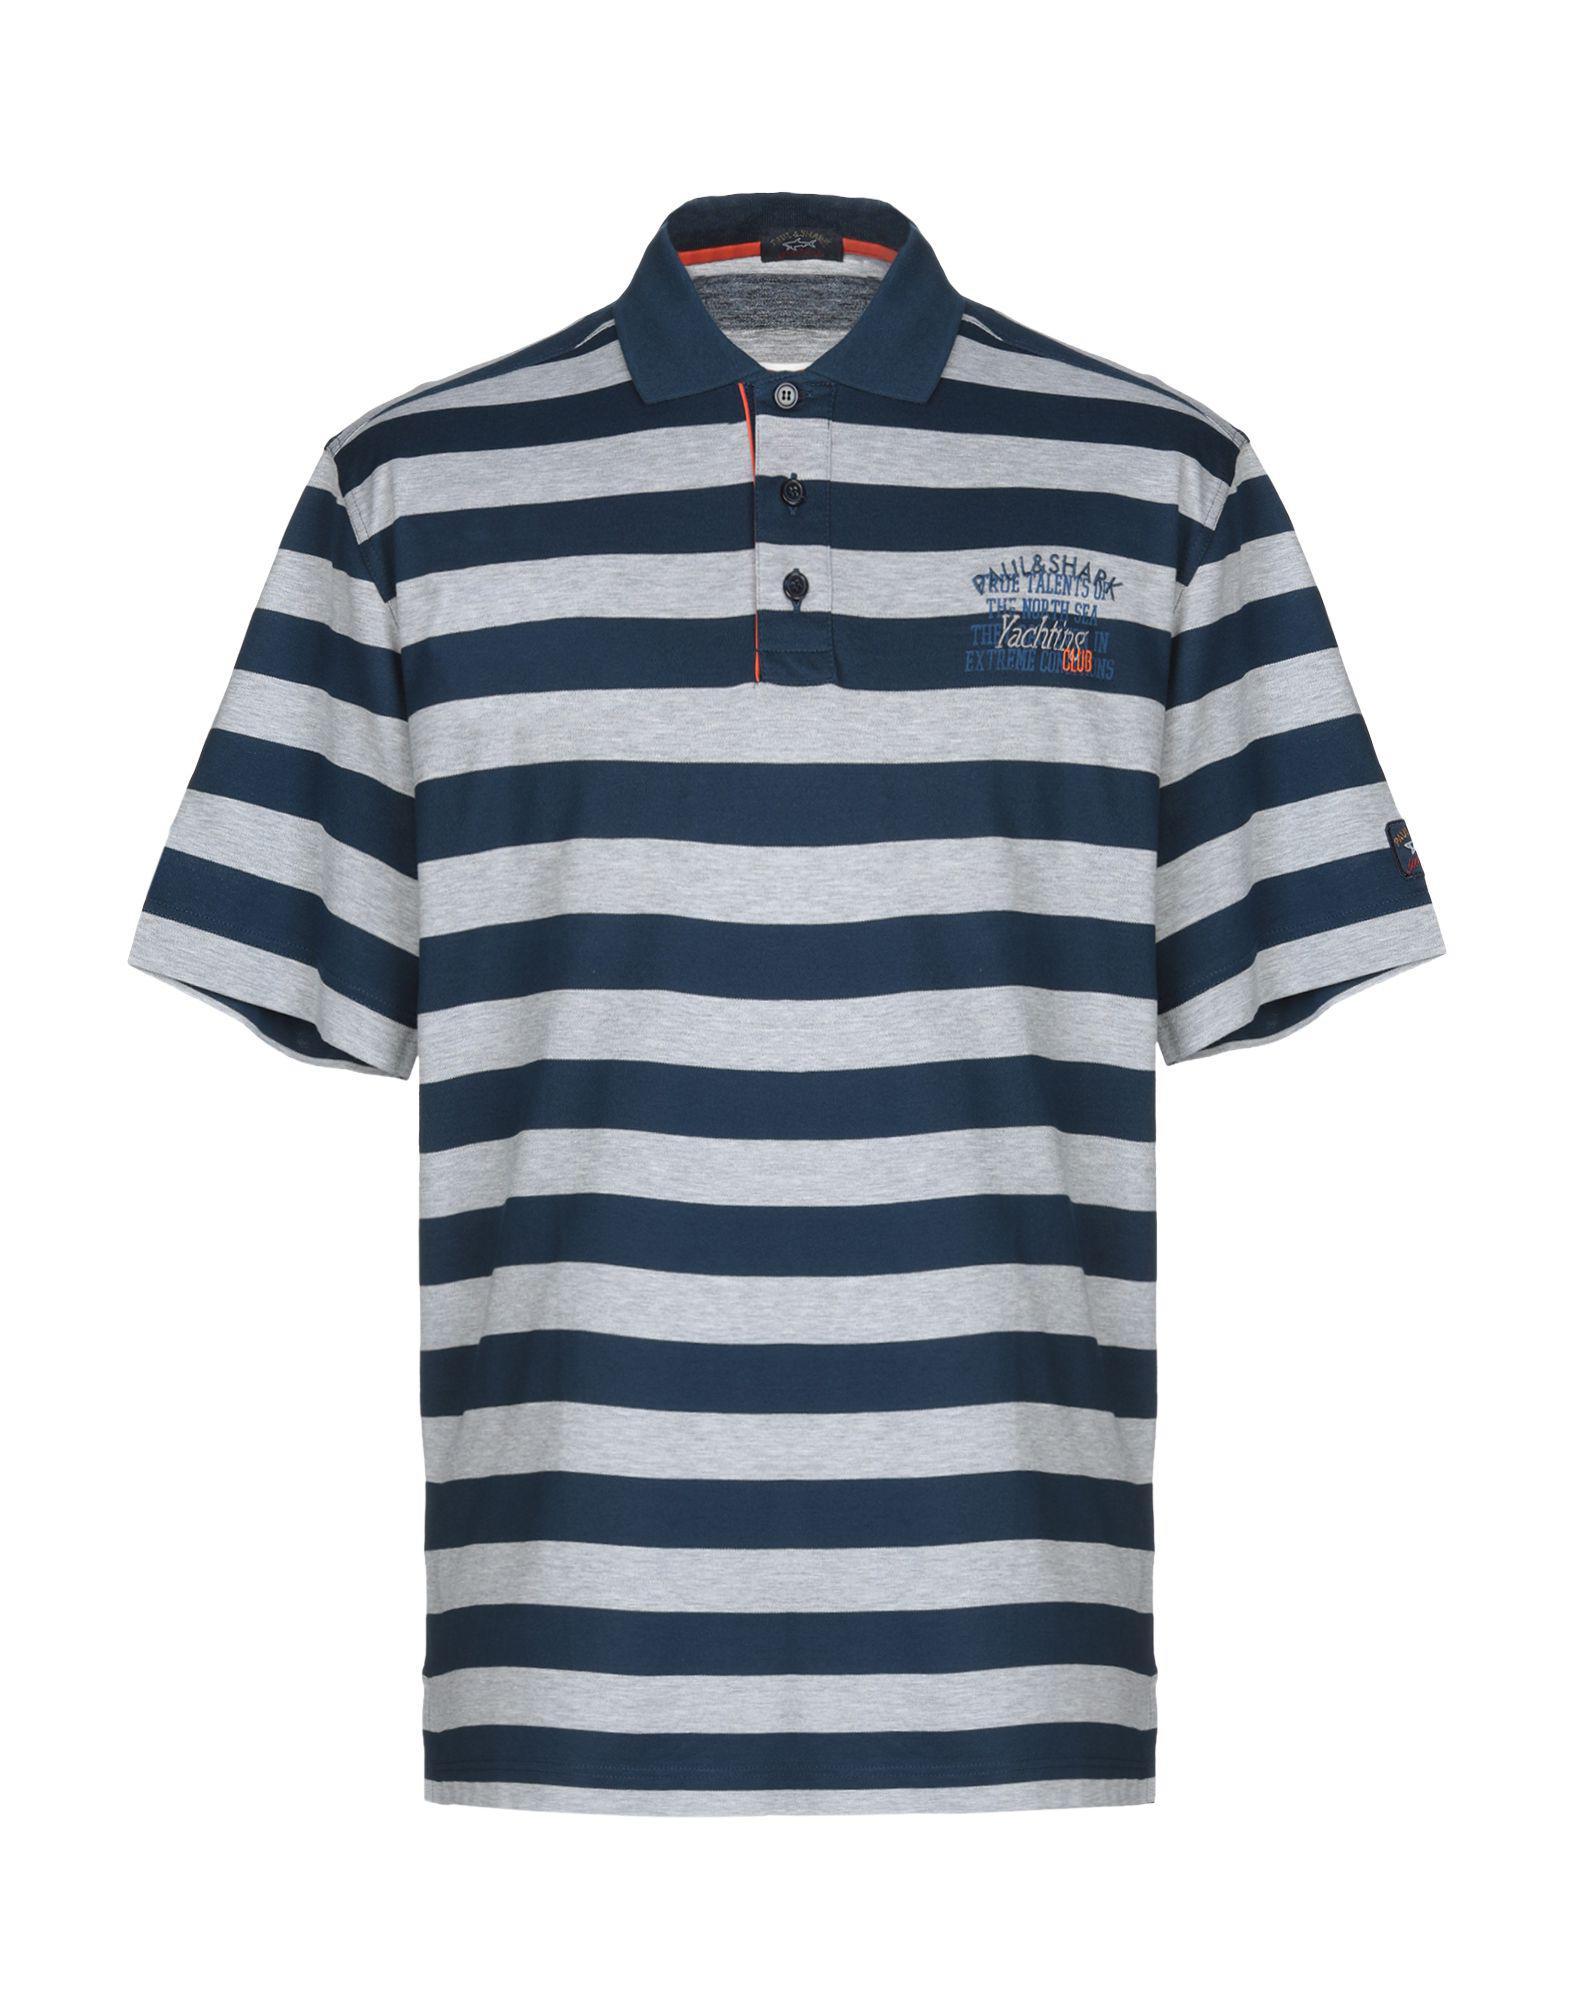 91fdd17e Paul & Shark Polo Shirt in Gray for Men - Lyst